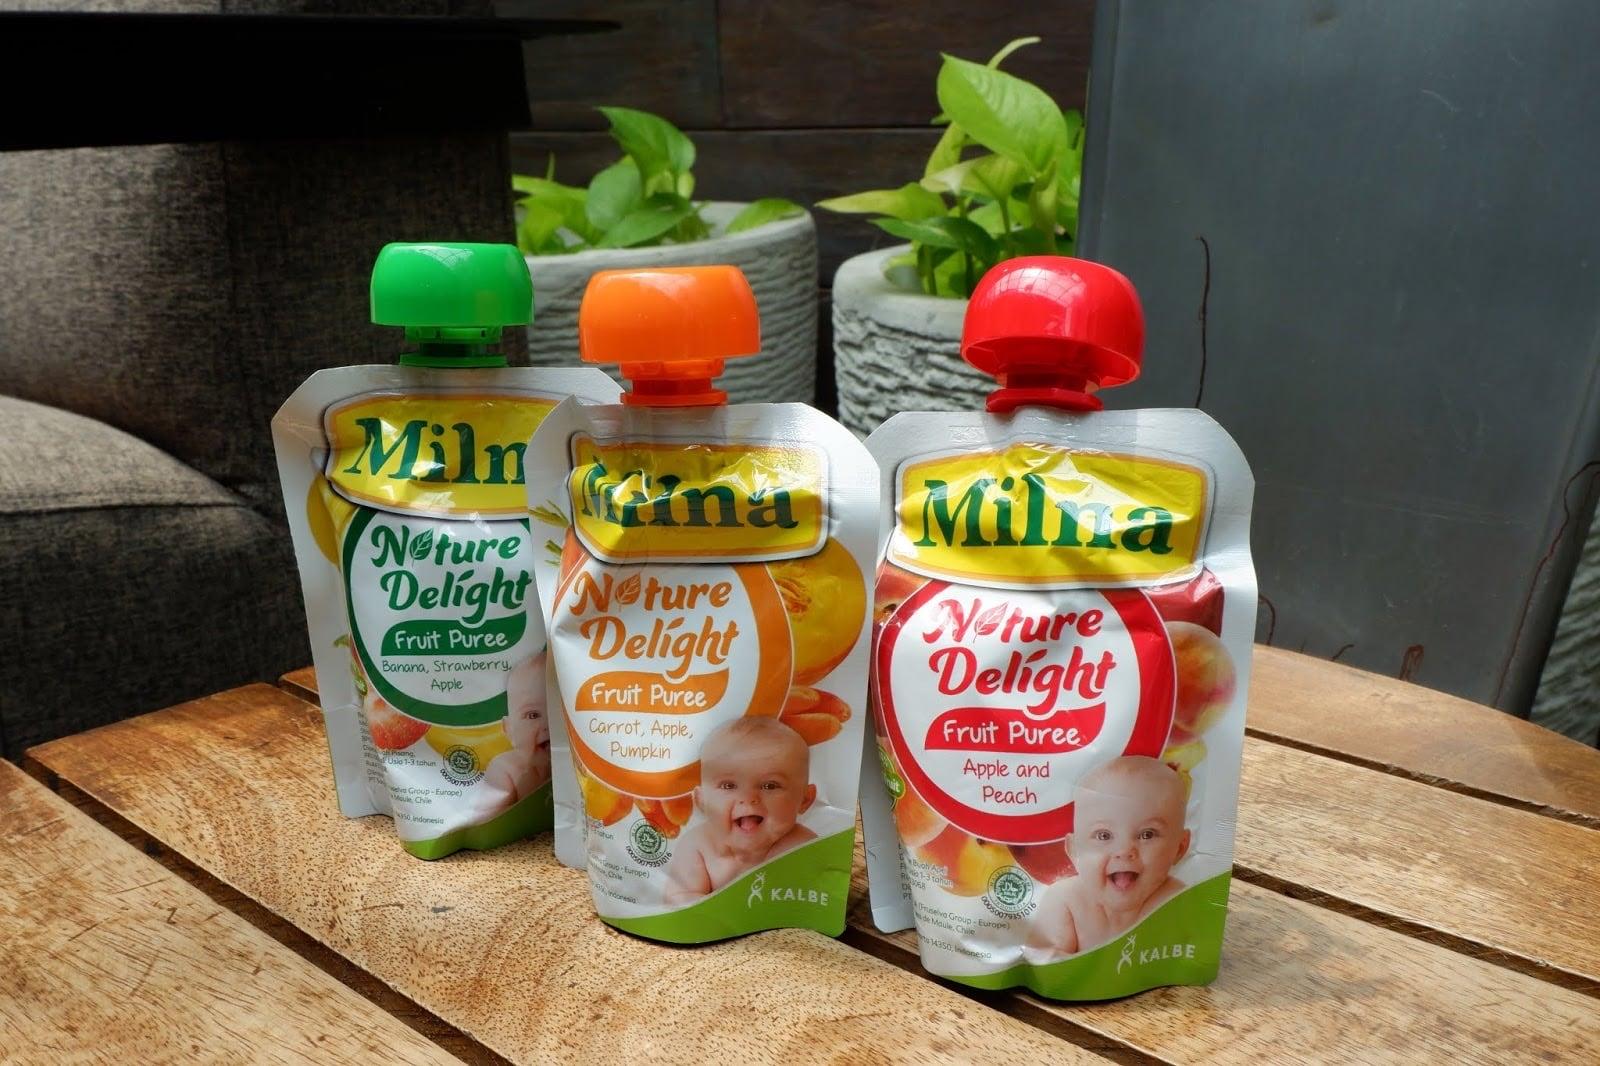 Milna-Nature-Delight-Apple-Peach